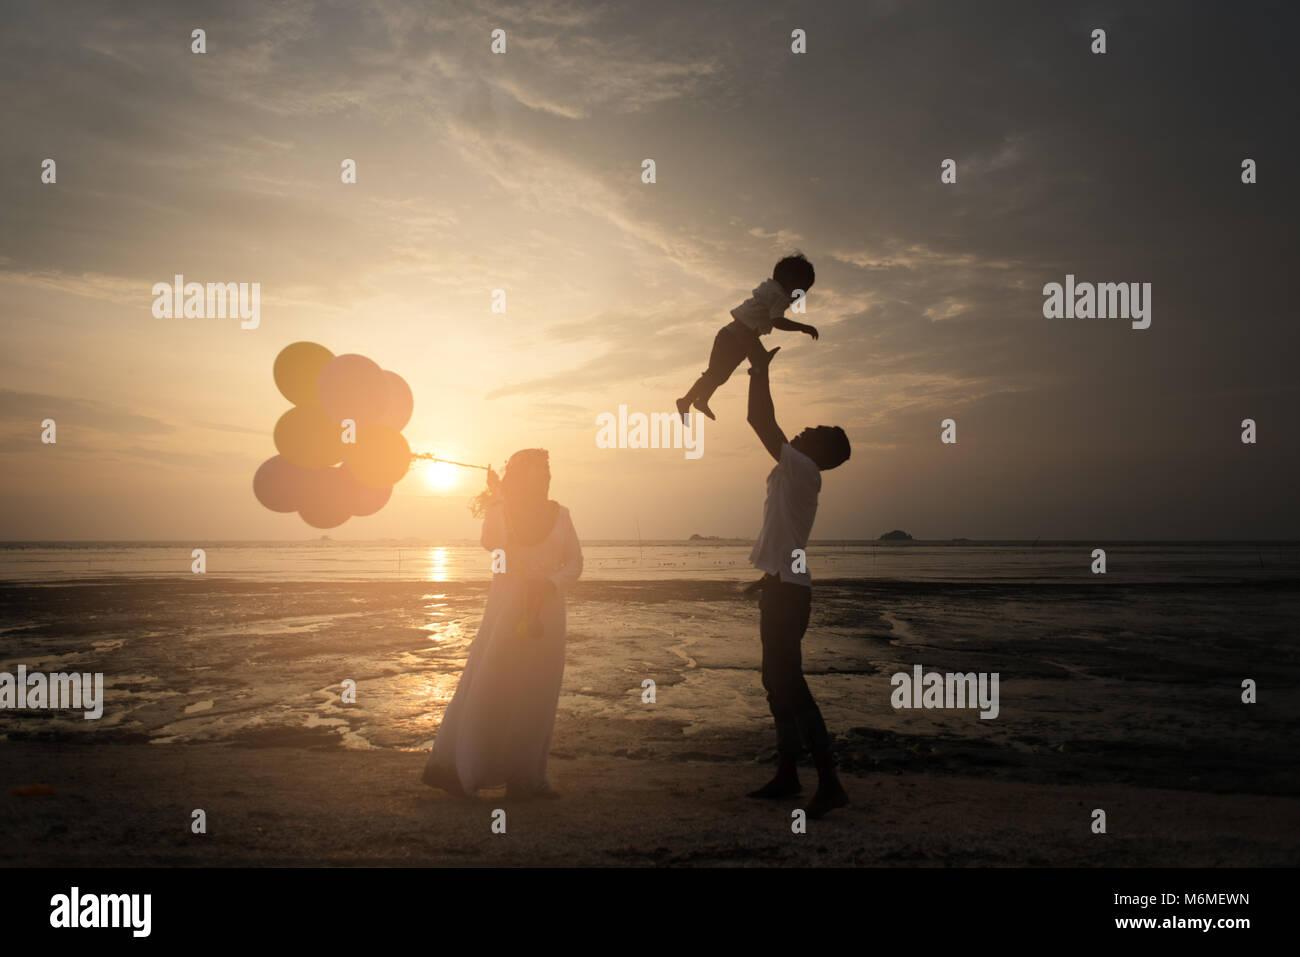 Sillhouette von glücklichen asiatischen Familie Spaß am Strand mit Blick auf den Sonnenuntergang als Hintergrund. Stockbild